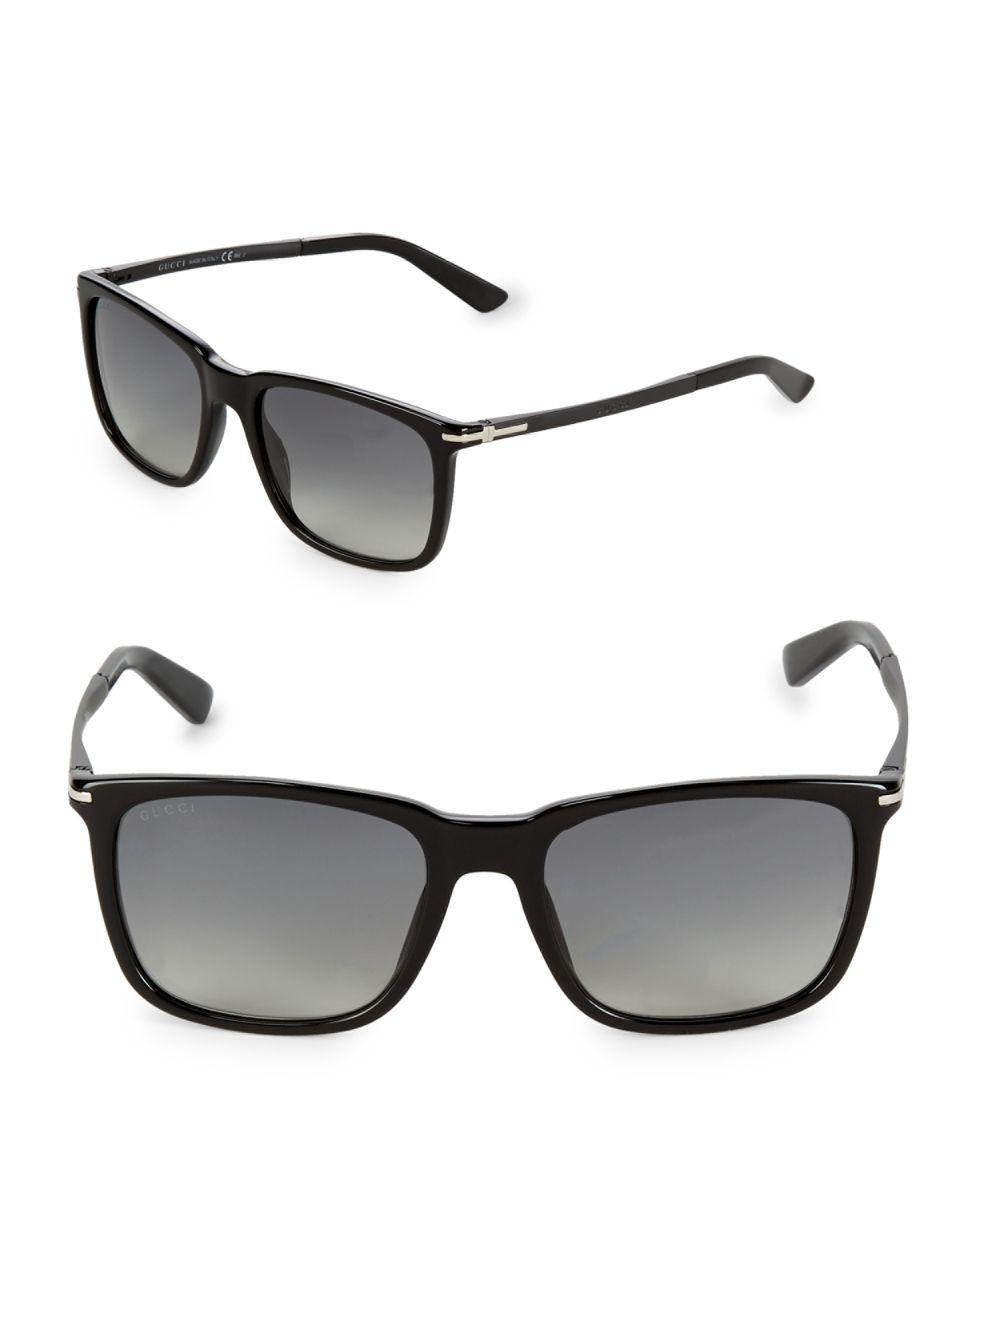 86a7937fd0f Lyst - Gucci Gradient 55mm Wayfarer Sunglasses in Black